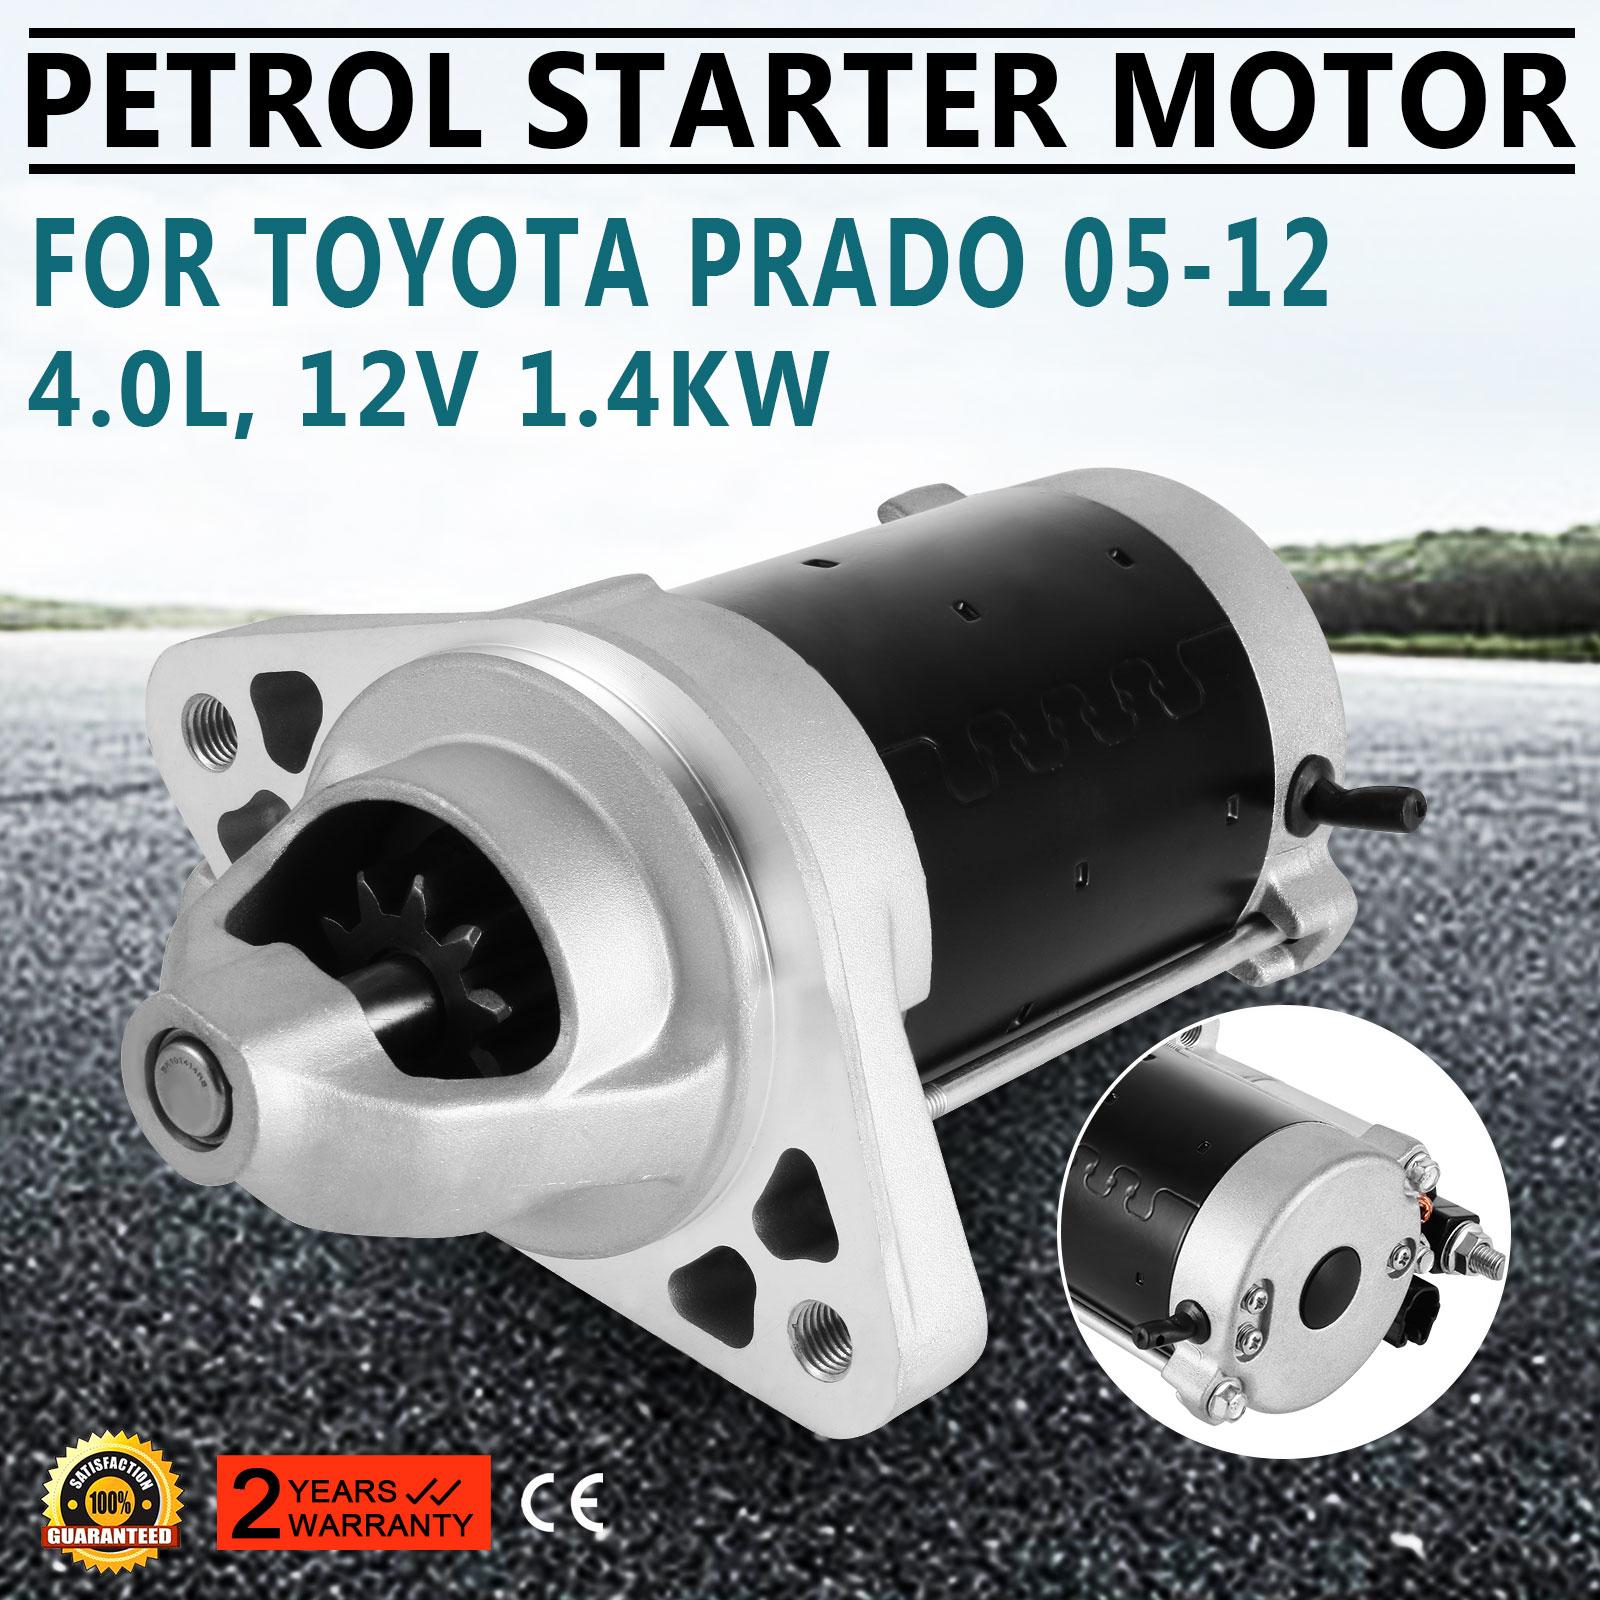 Starter Motor for Toyota Prado Petrol 2005-12 GRJ120R GRJ150R GGN25R 1GR-FE 4.0L